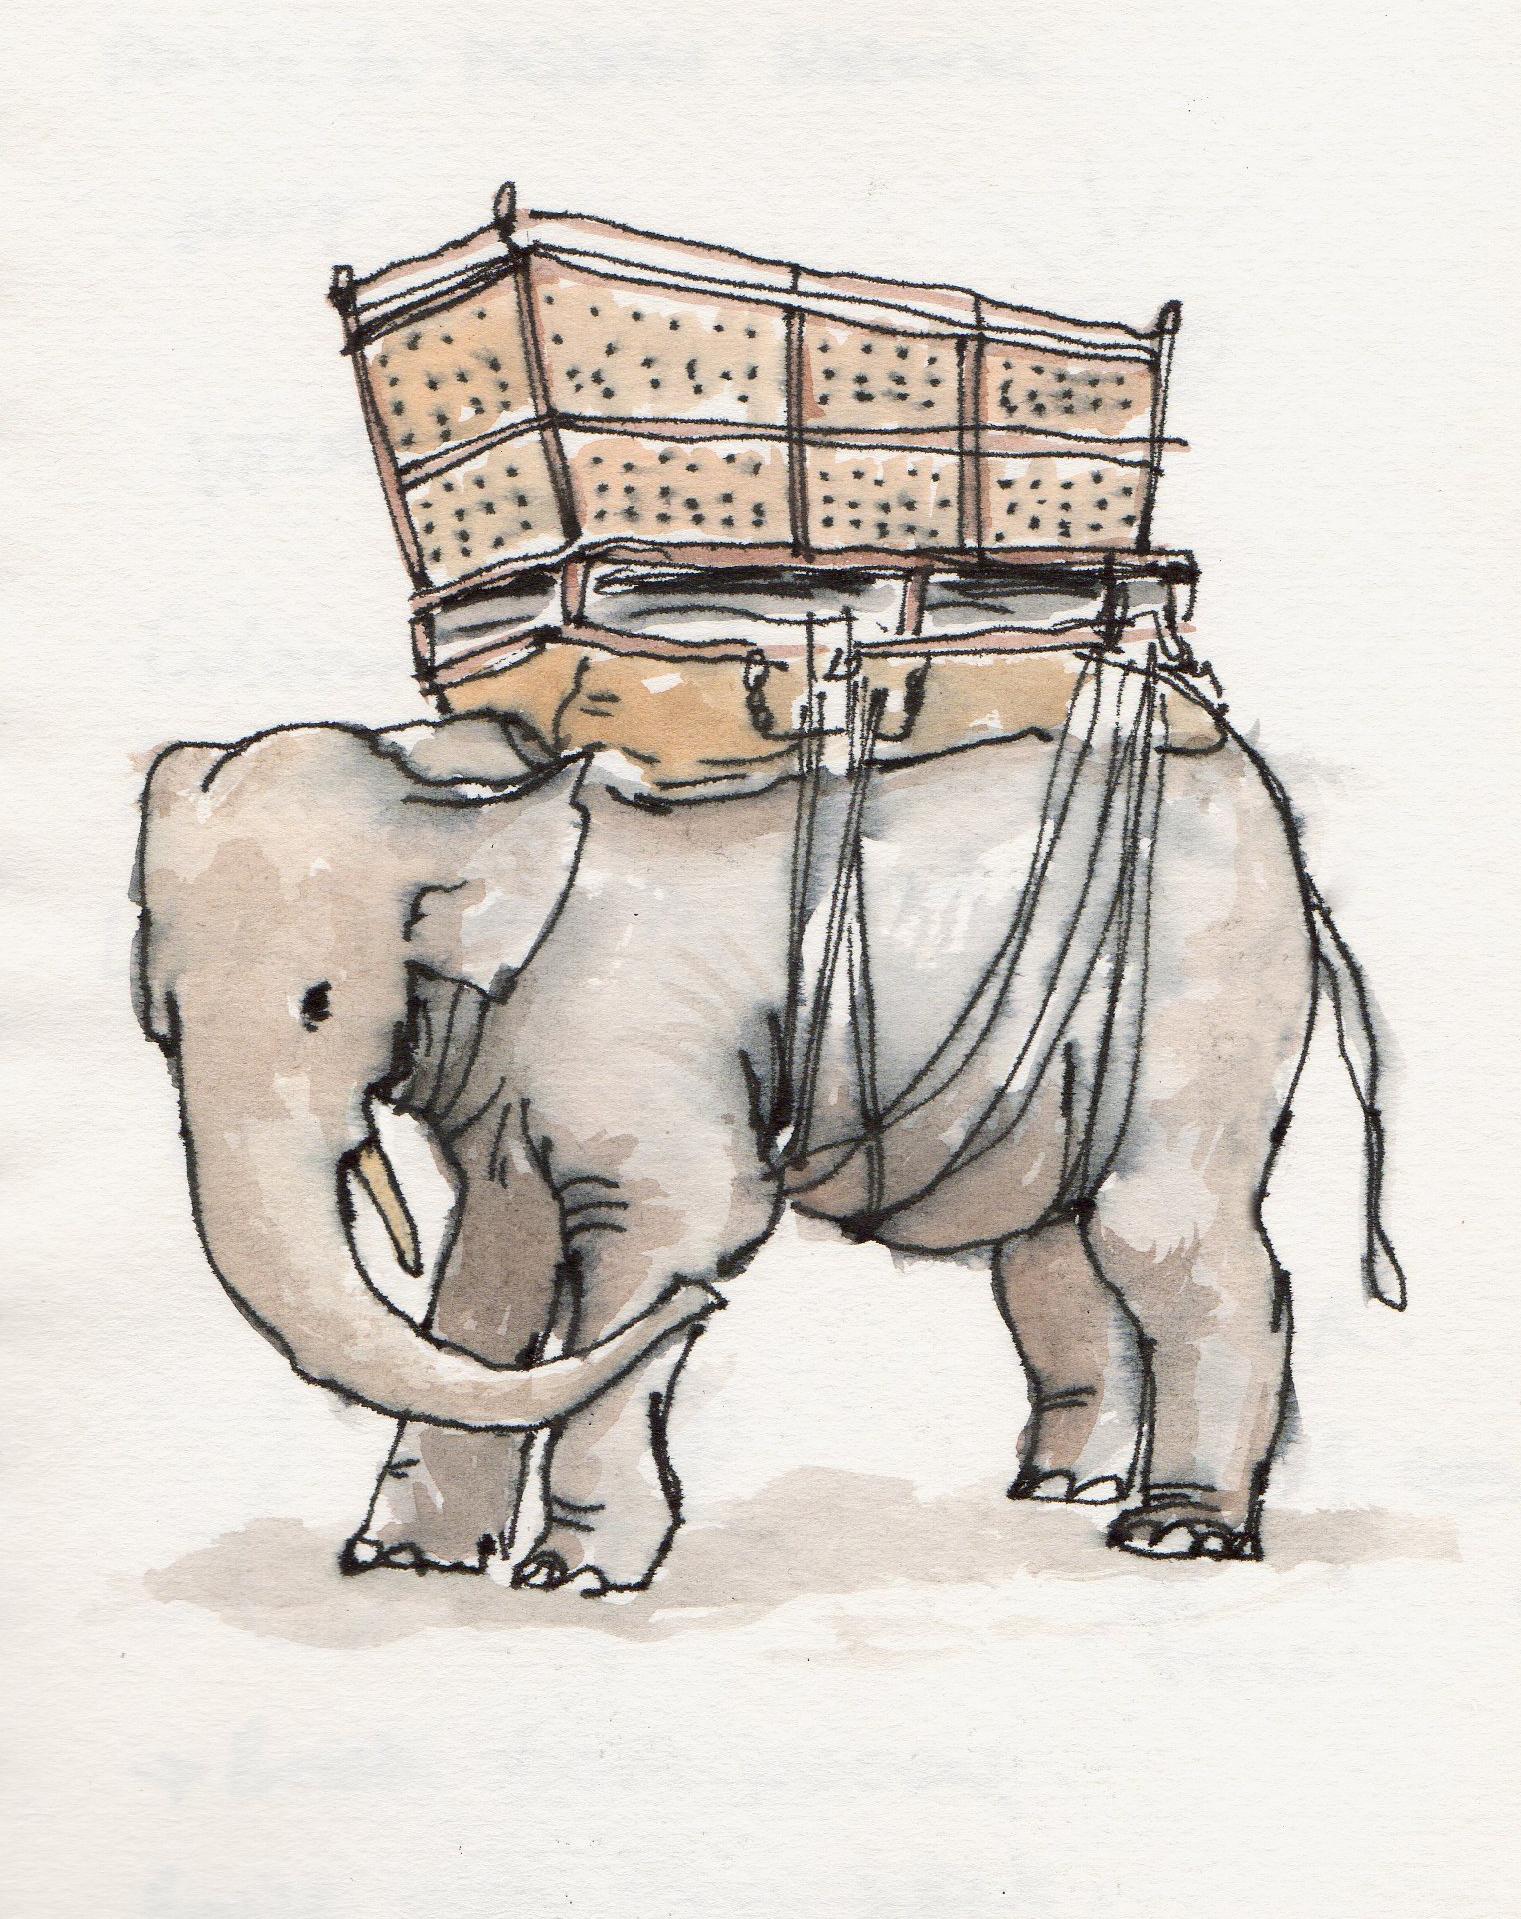 elephant_josephwallace.jpg